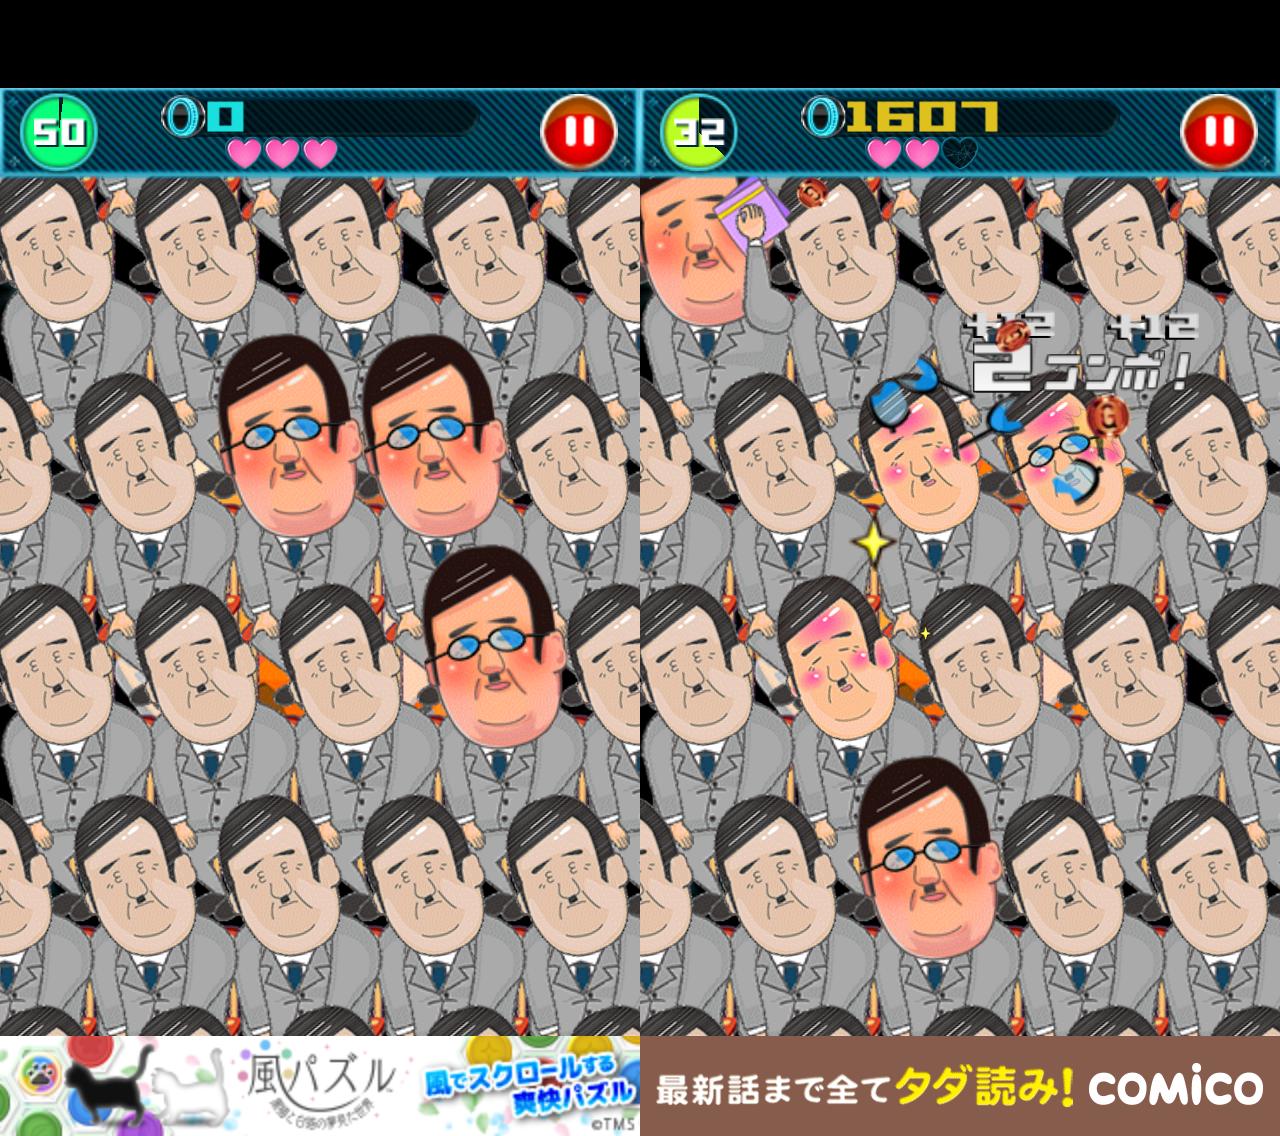 おやぢサミット〜おやじのメガネを割って爽快暇つぶしゲーム〜 androidアプリスクリーンショット1